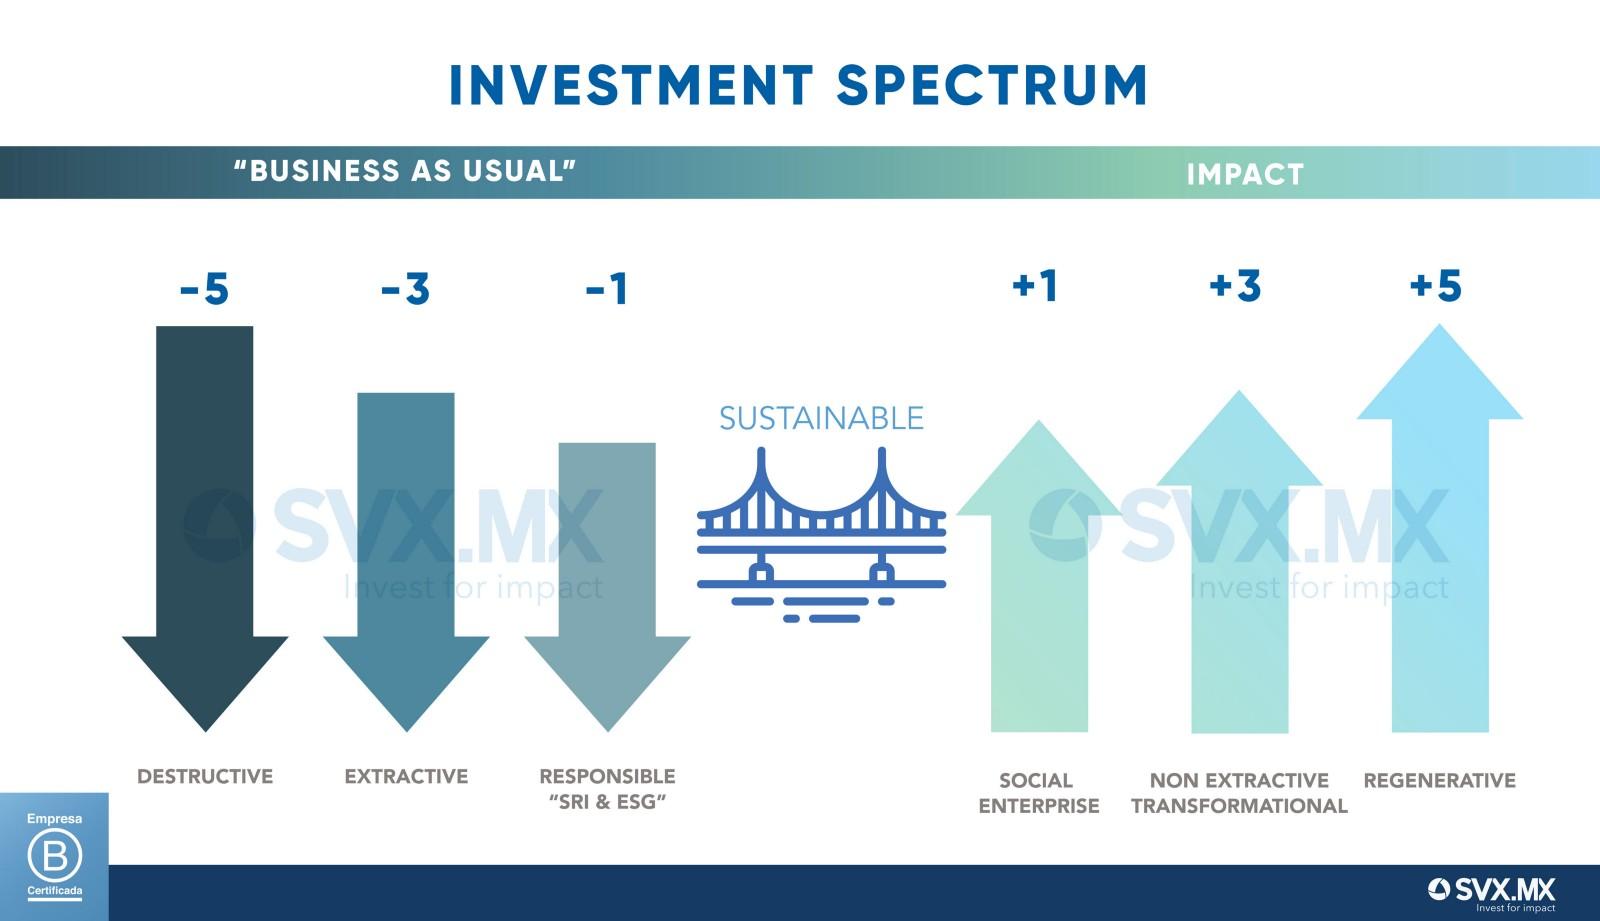 Holistic Impact Investment Spectrum